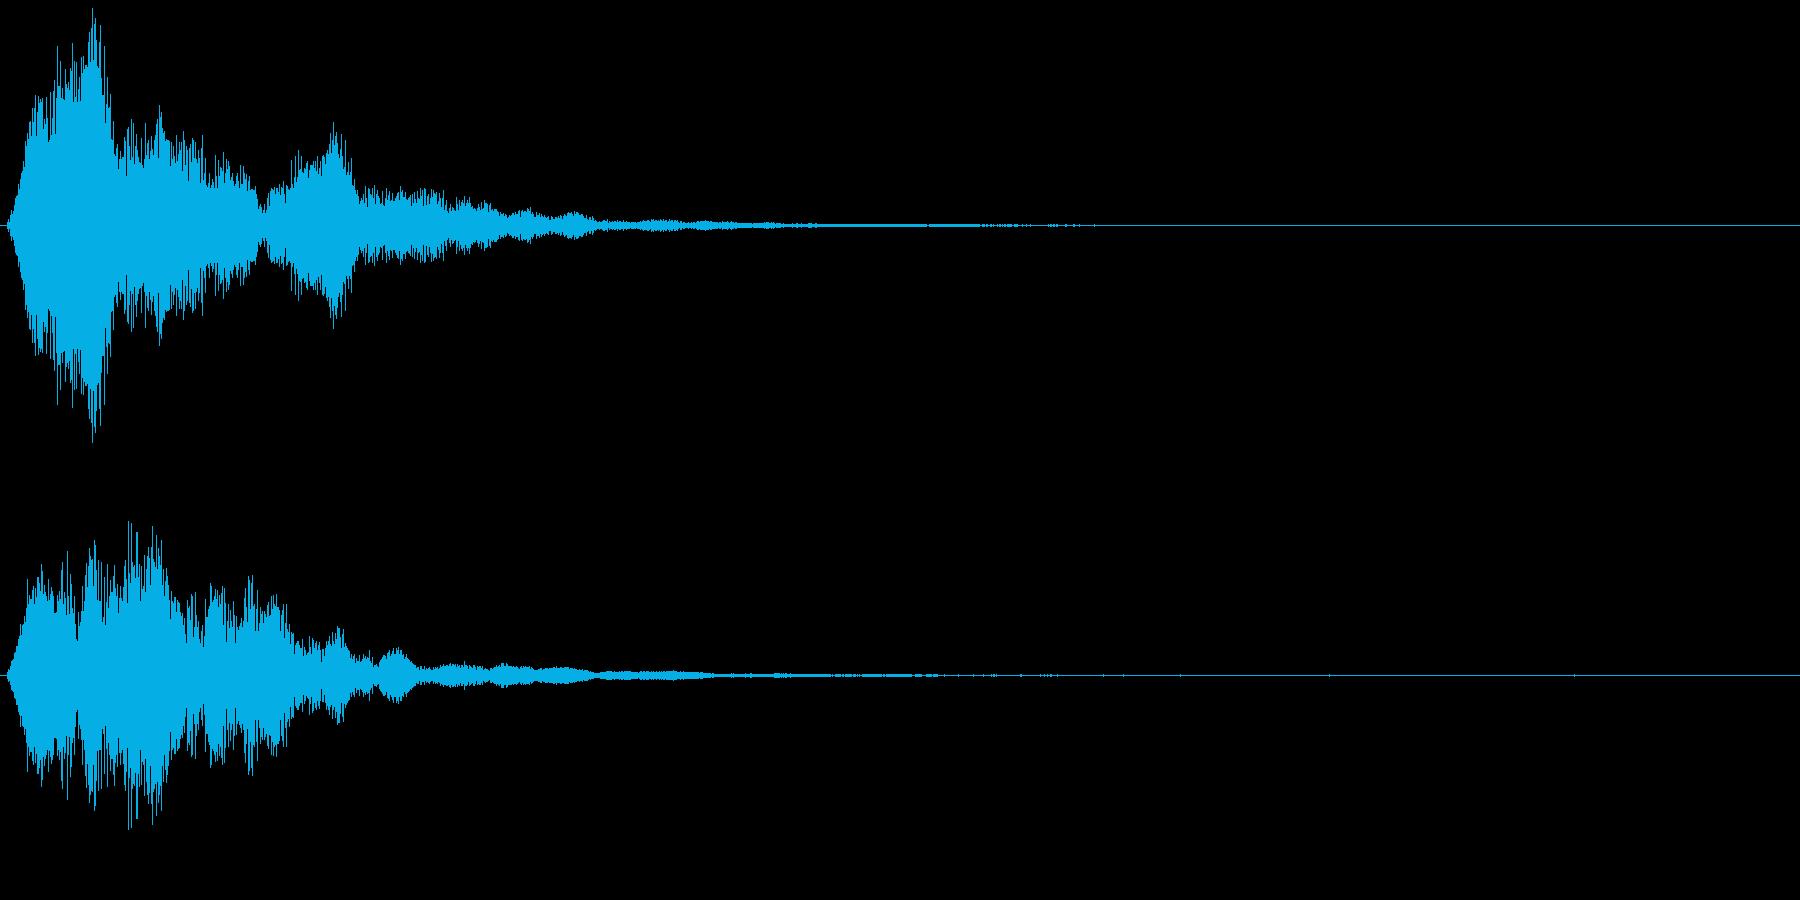 ファーン、シャーン、回復系魔法、シンセの再生済みの波形